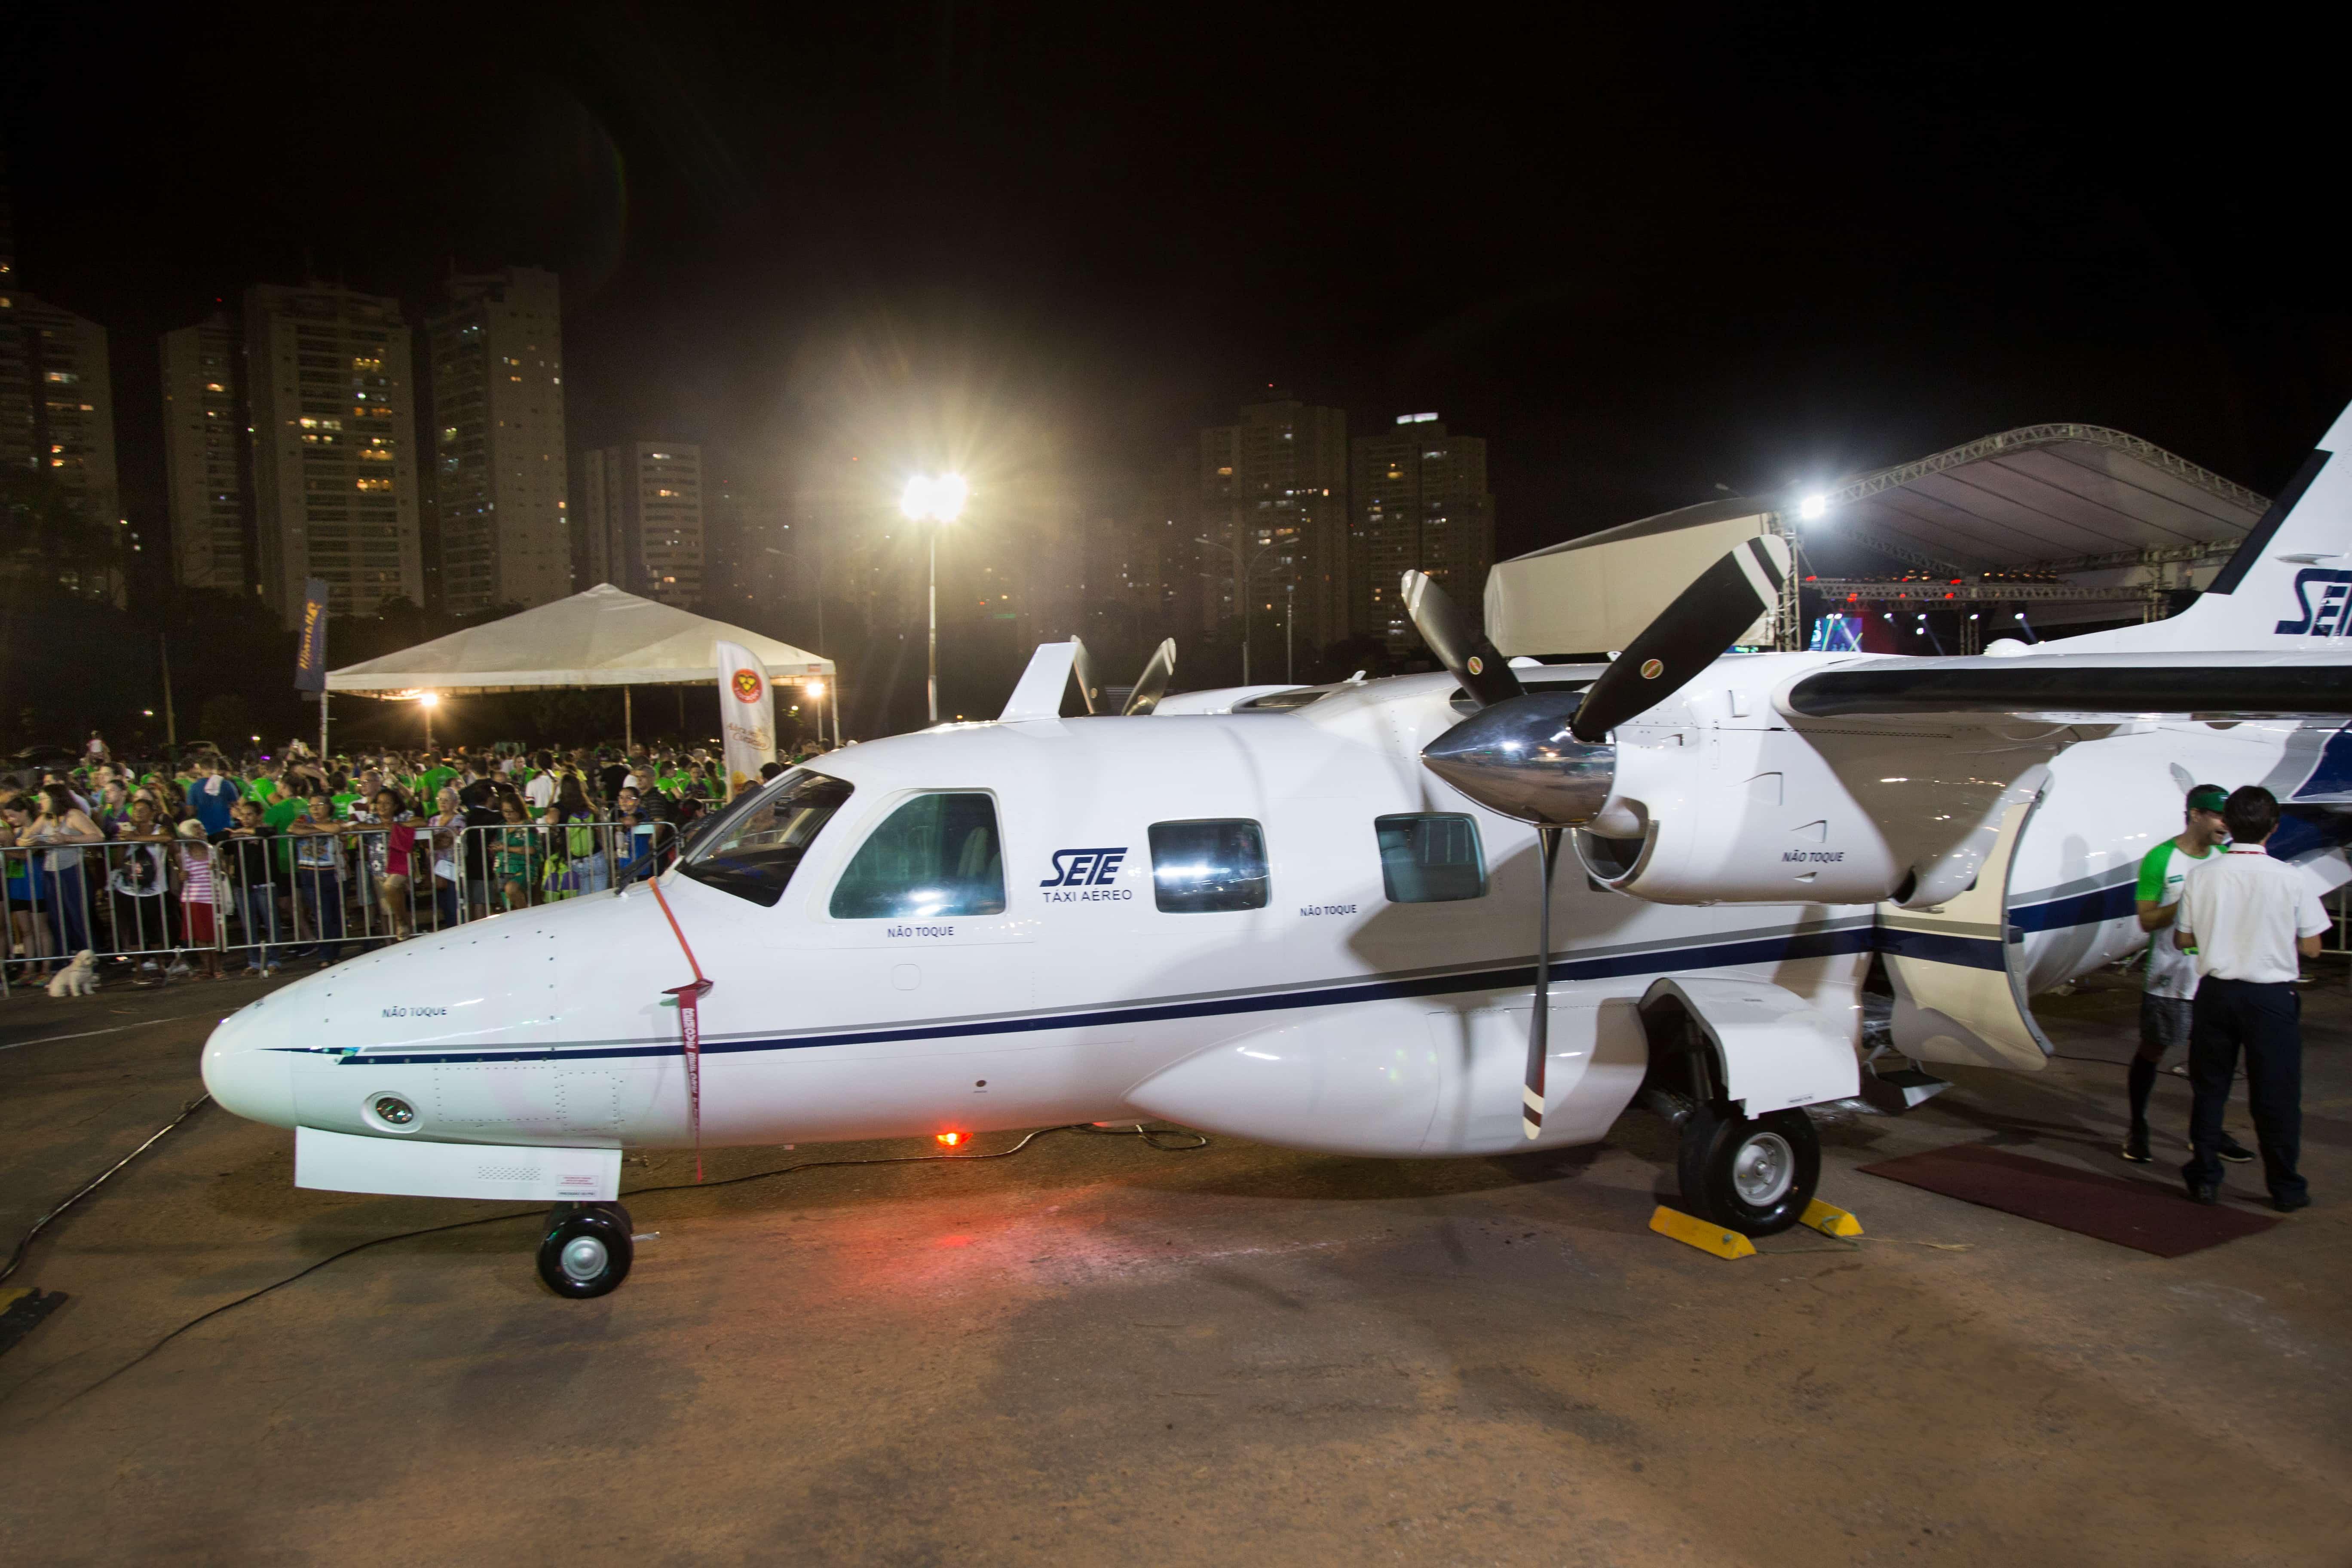 Uti aerea Unimed Sete Taxi Aereo